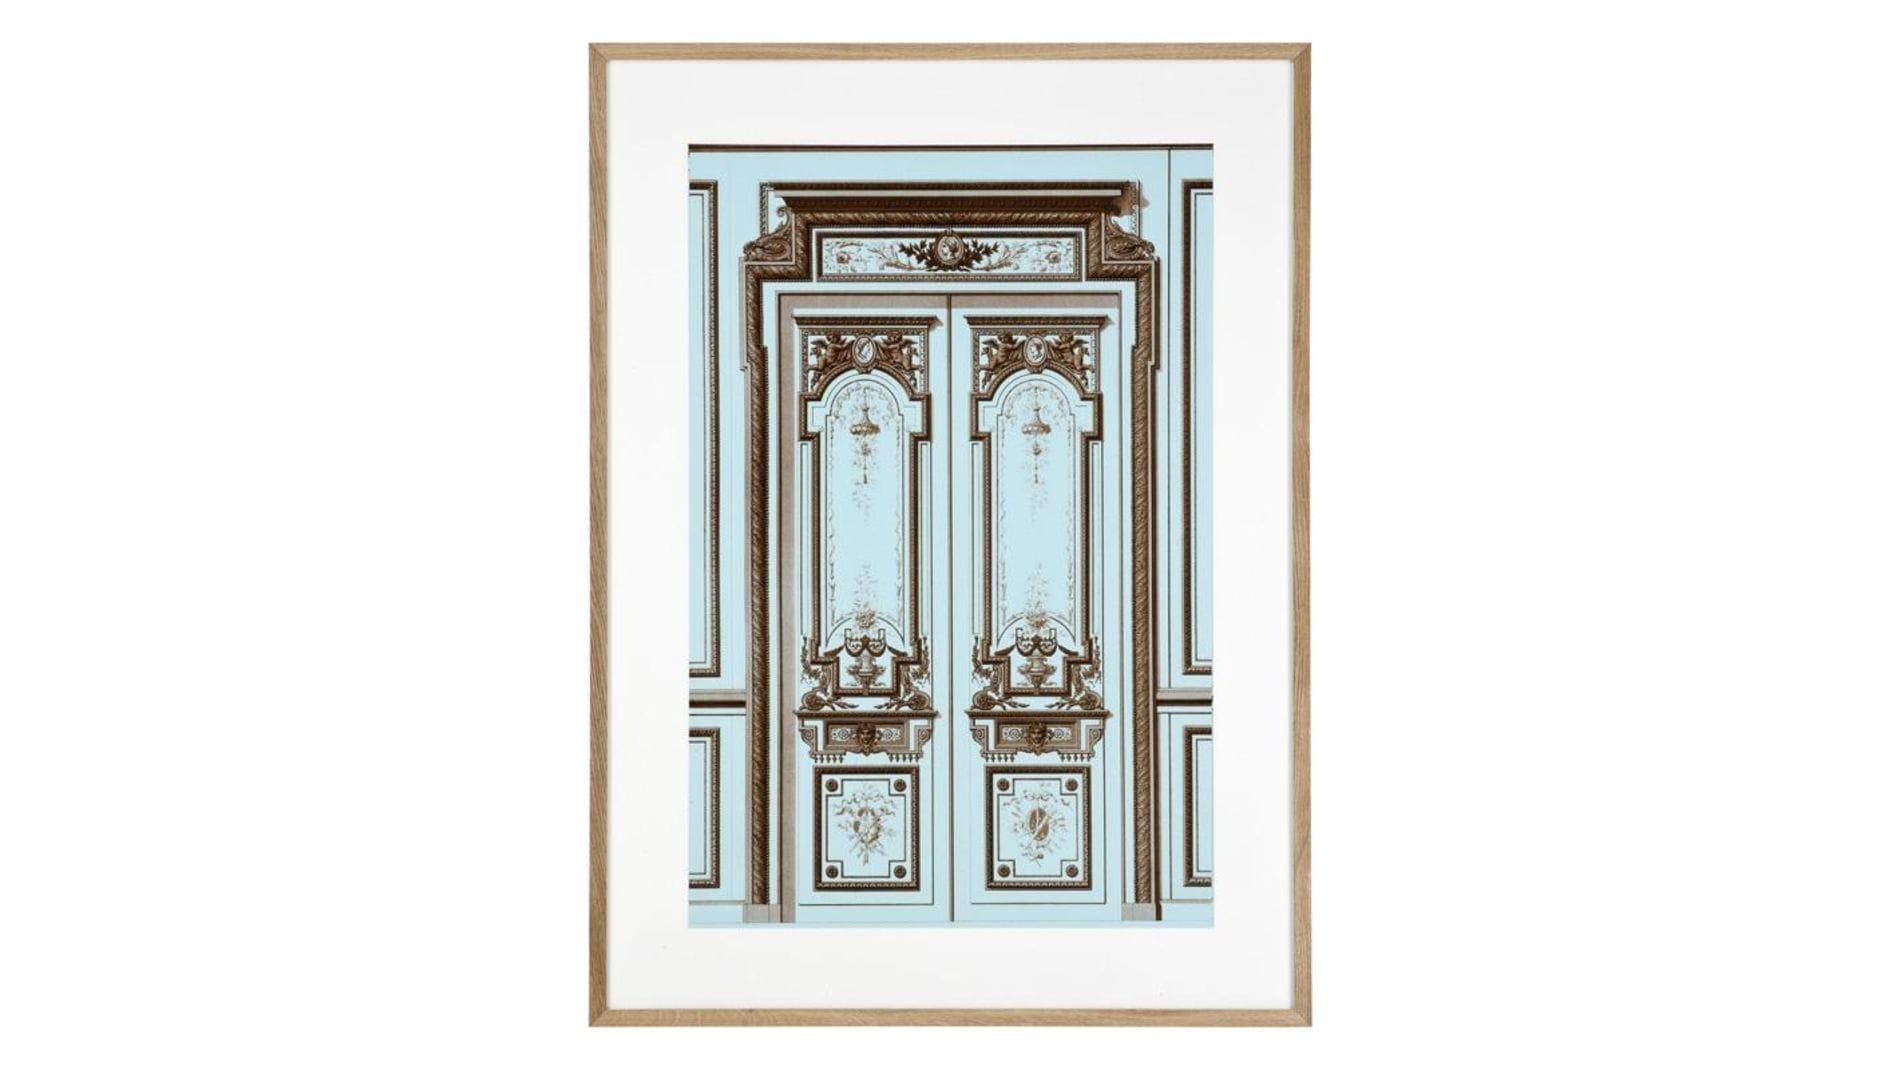 Постер French Salon Doors 2 шт.